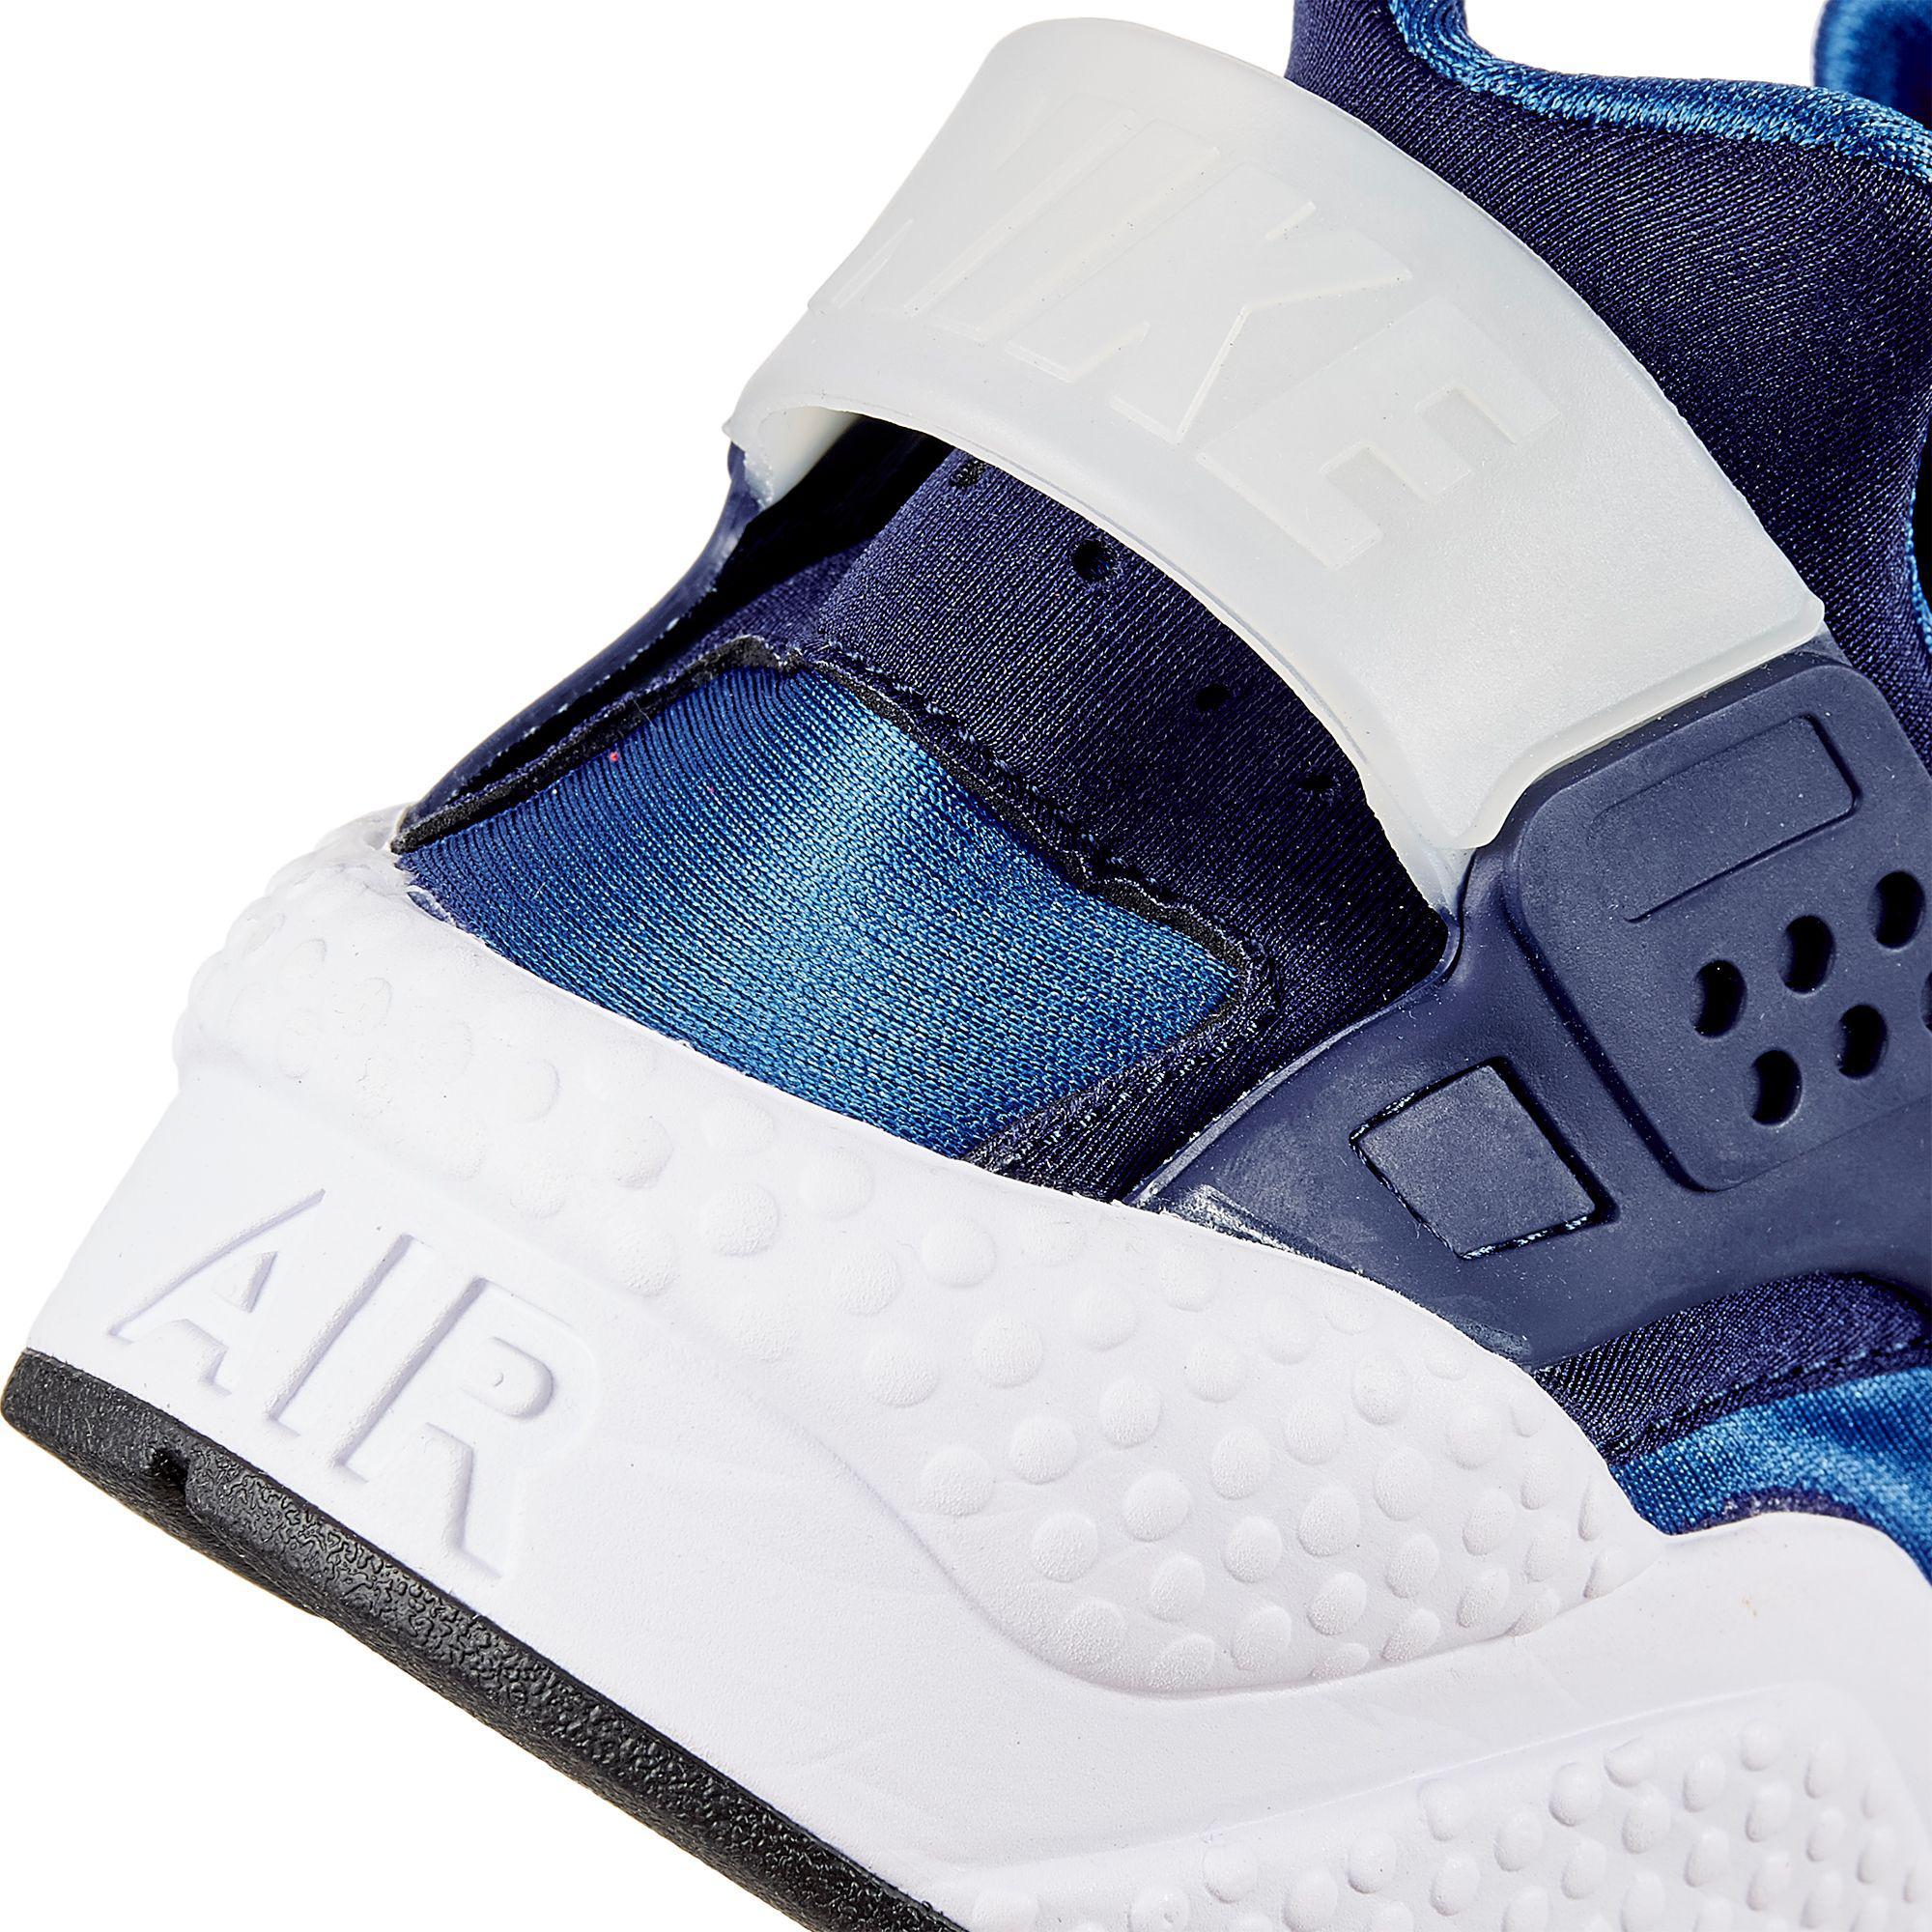 fb1a4e24c1a1a Lyst - Nike Air Huarache Run Shoes in Blue for Men